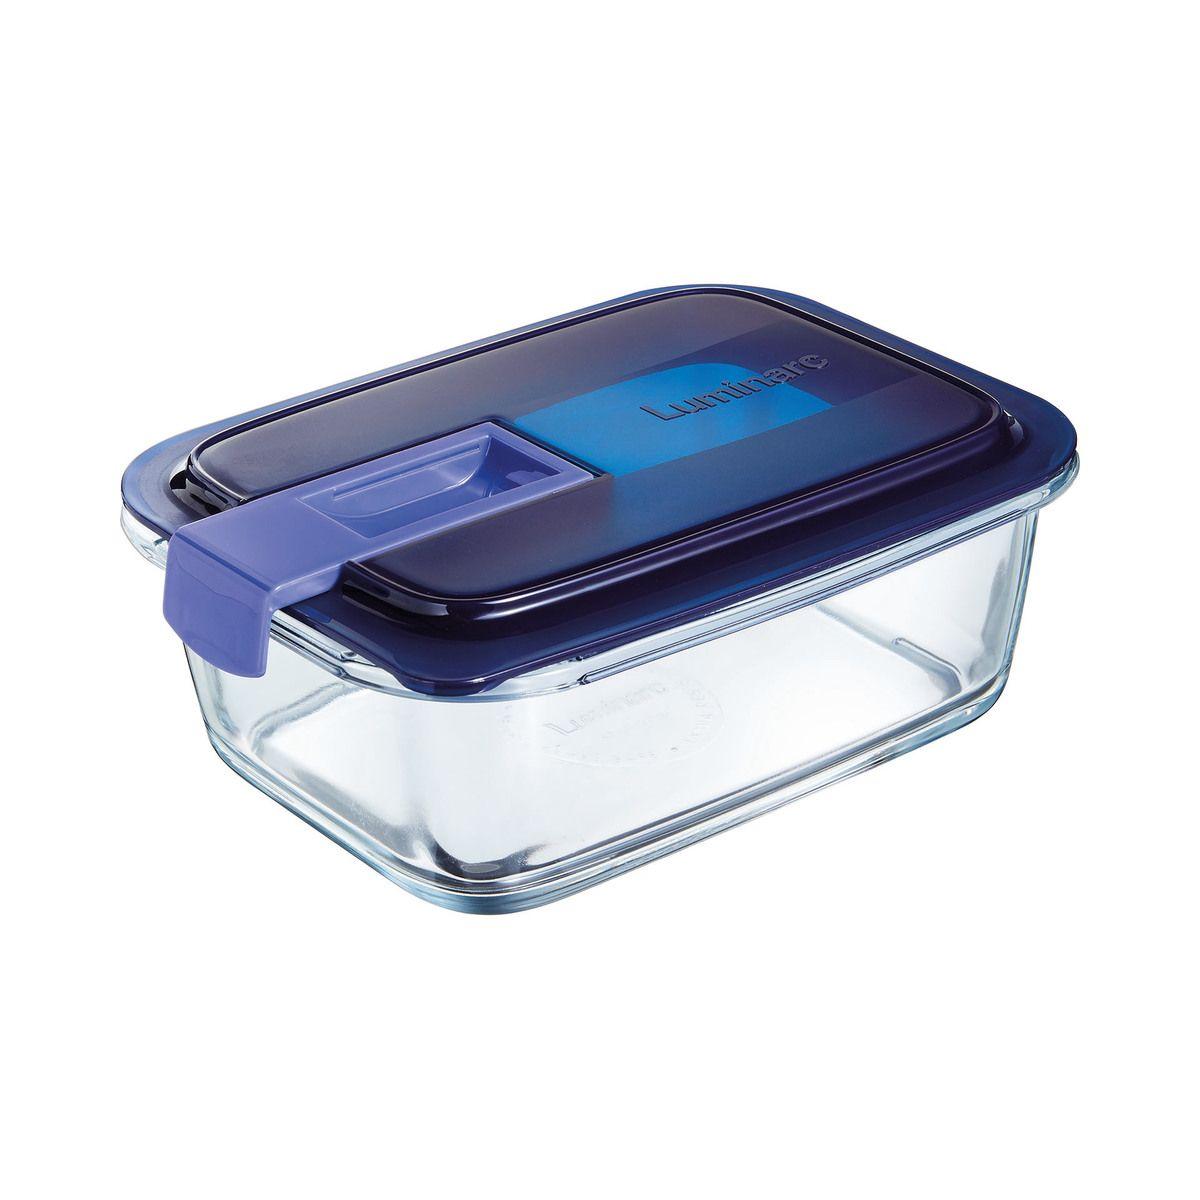 Boite hermetique Easy Box rectangulaire en verre 122cl 20.55x15.15x7.15cm - Luminarc